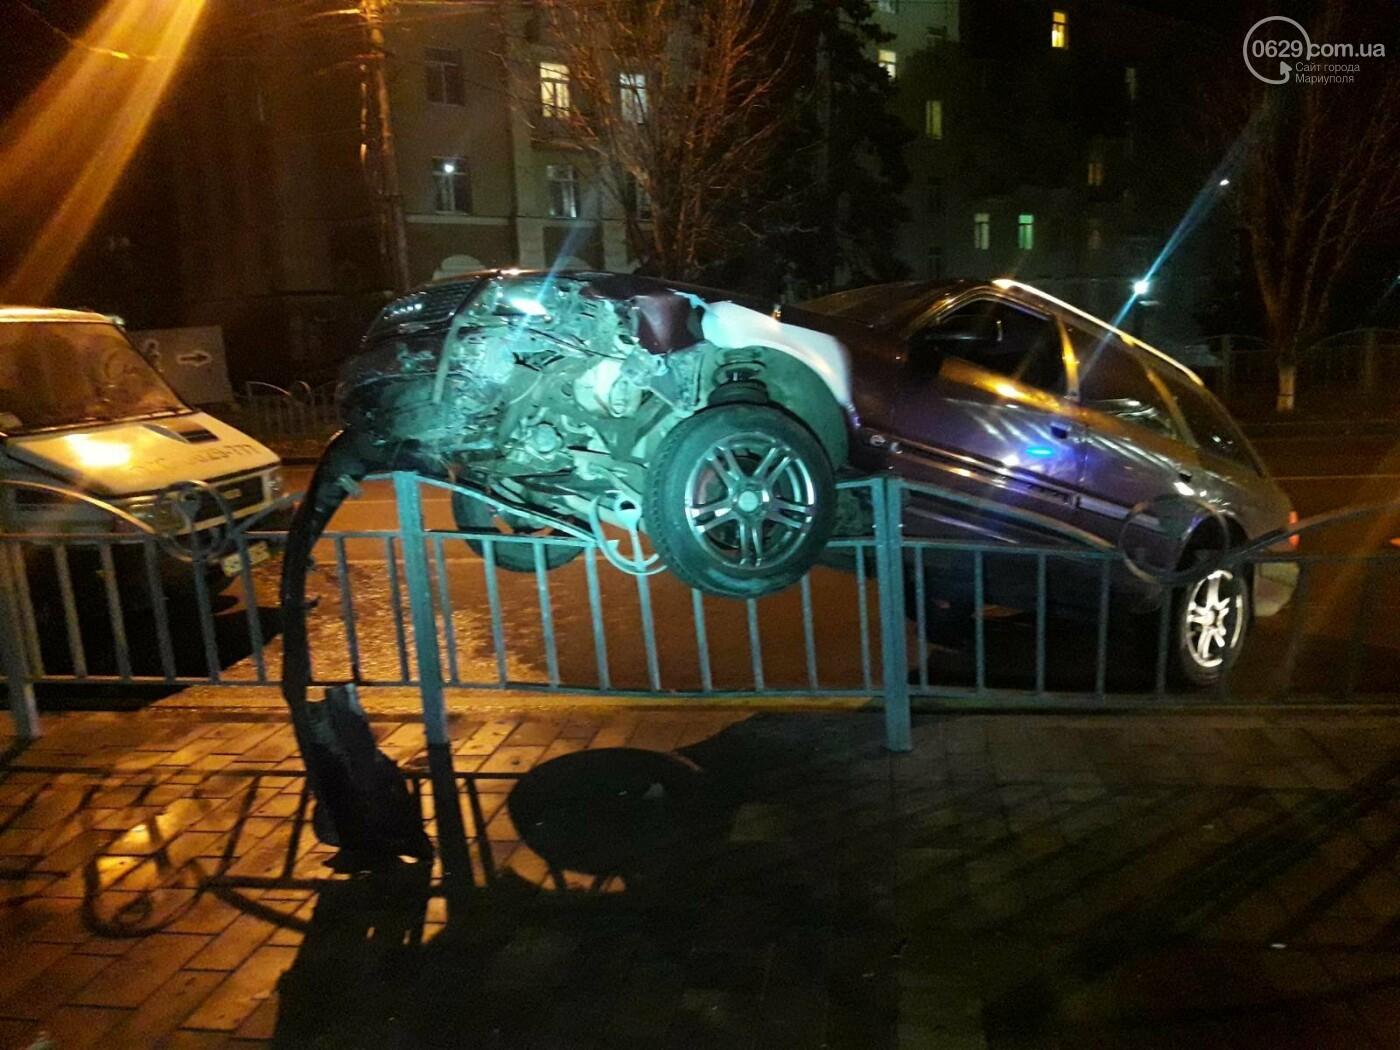 """В Мариуполе """"Ауди"""" влетела в забор Театрального сквера и застряла, - ФОТО, фото-2"""